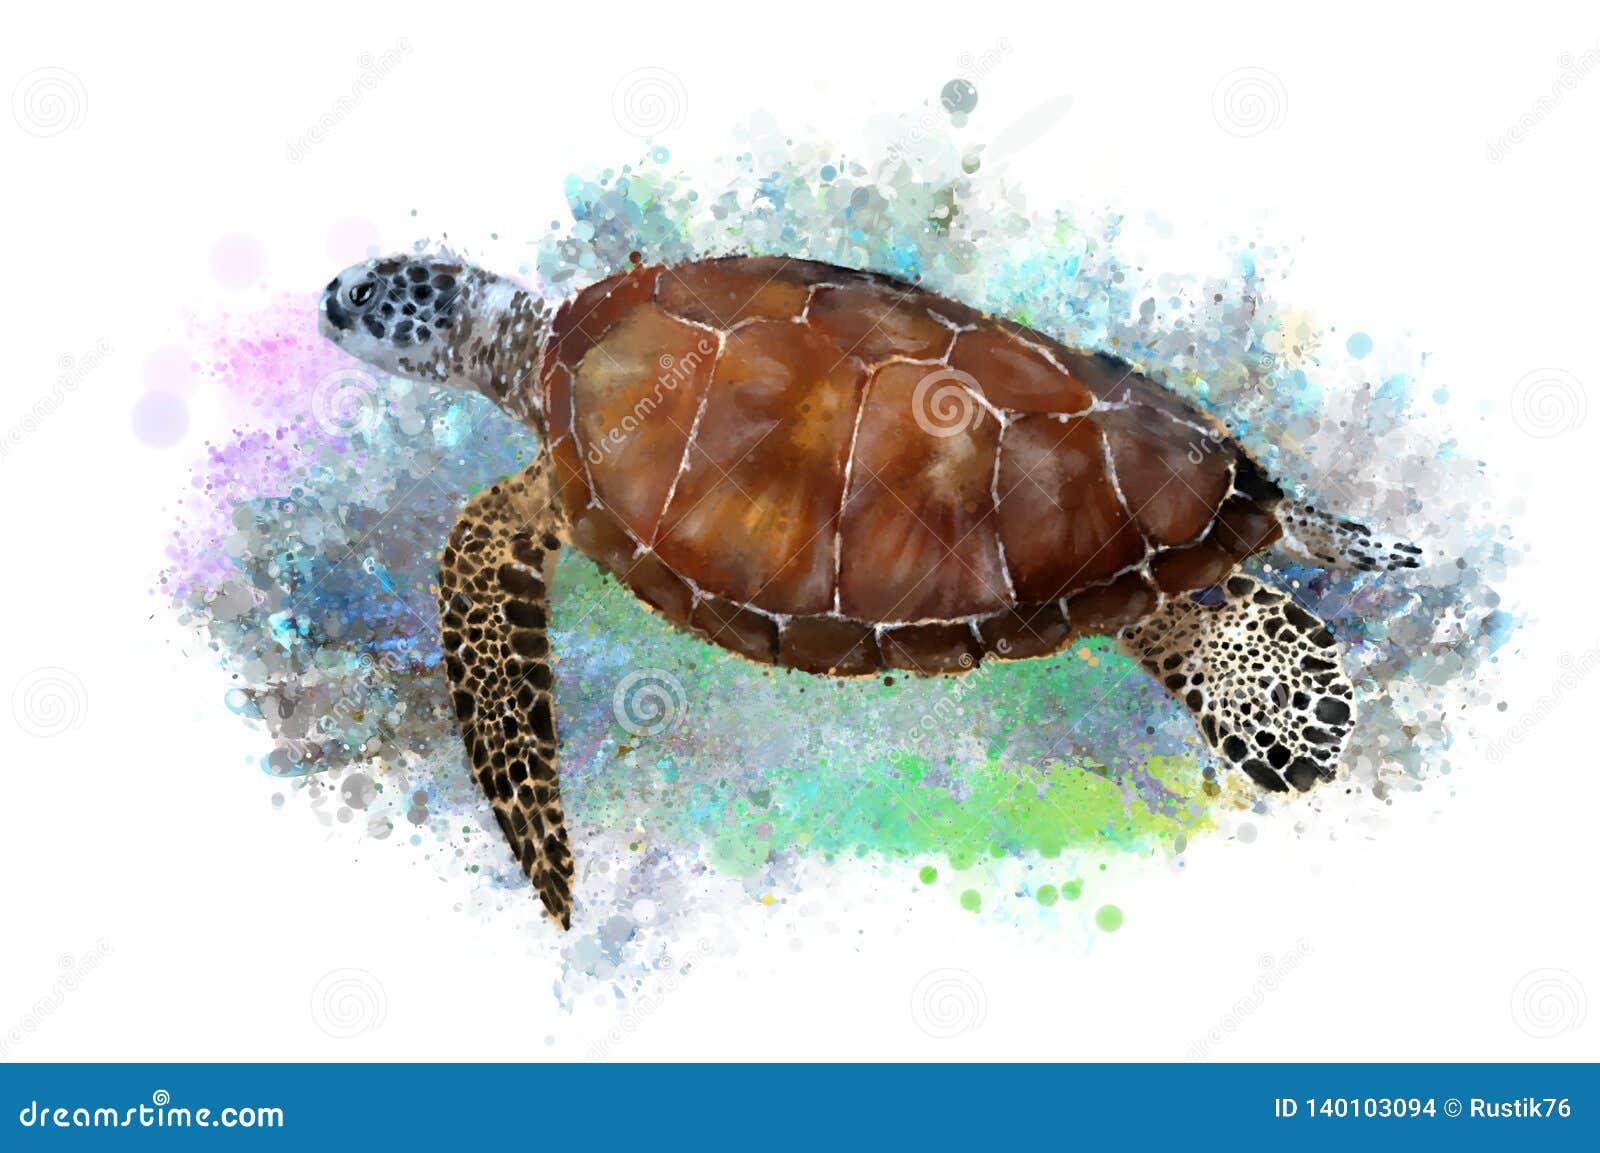 Mundo tropical subaquático com uma tartaruga em um fundo abstrato